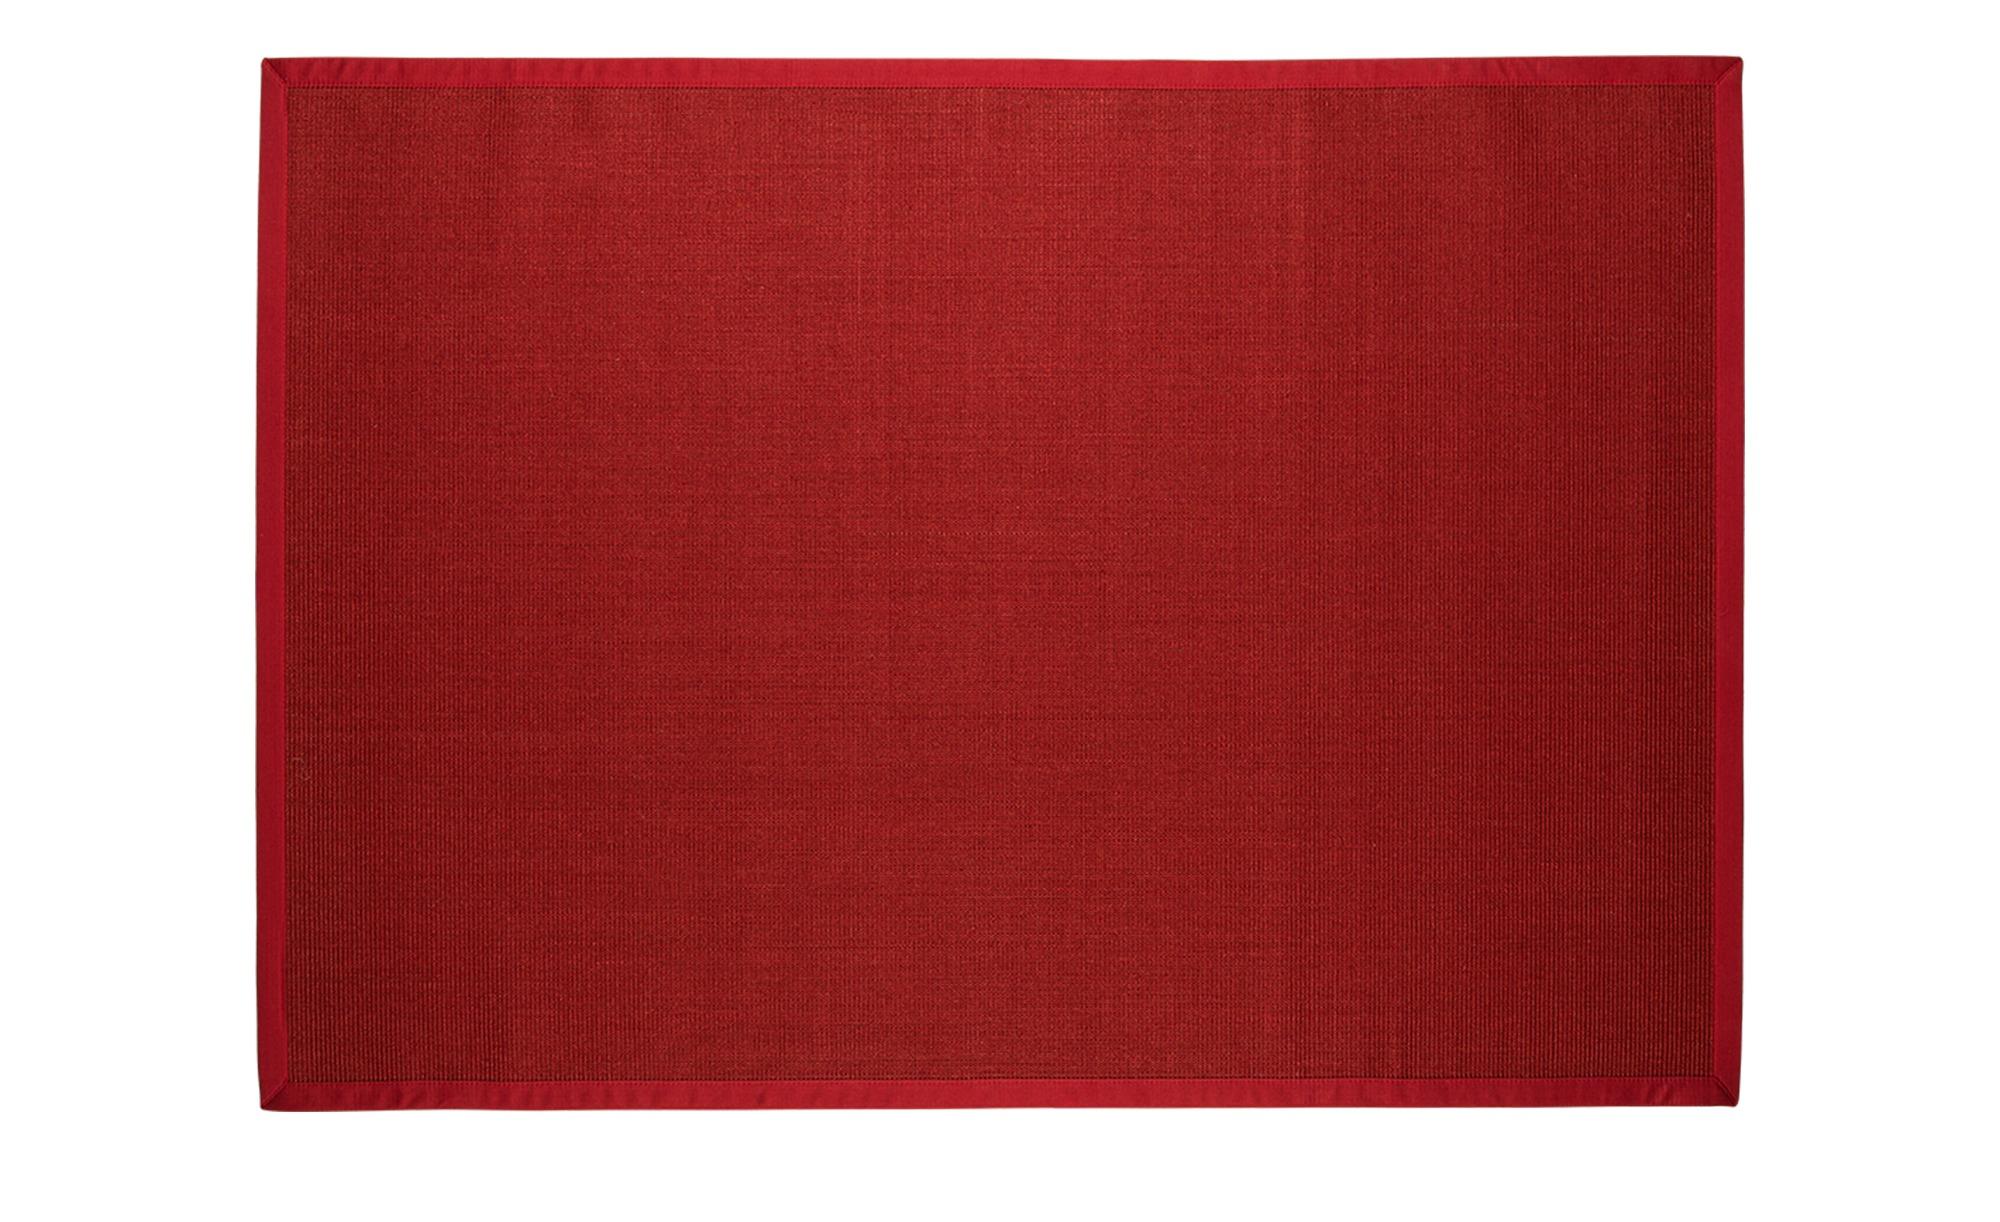 sisal teppich manaus breite 165 cm h he rot online kaufen bei woonio. Black Bedroom Furniture Sets. Home Design Ideas